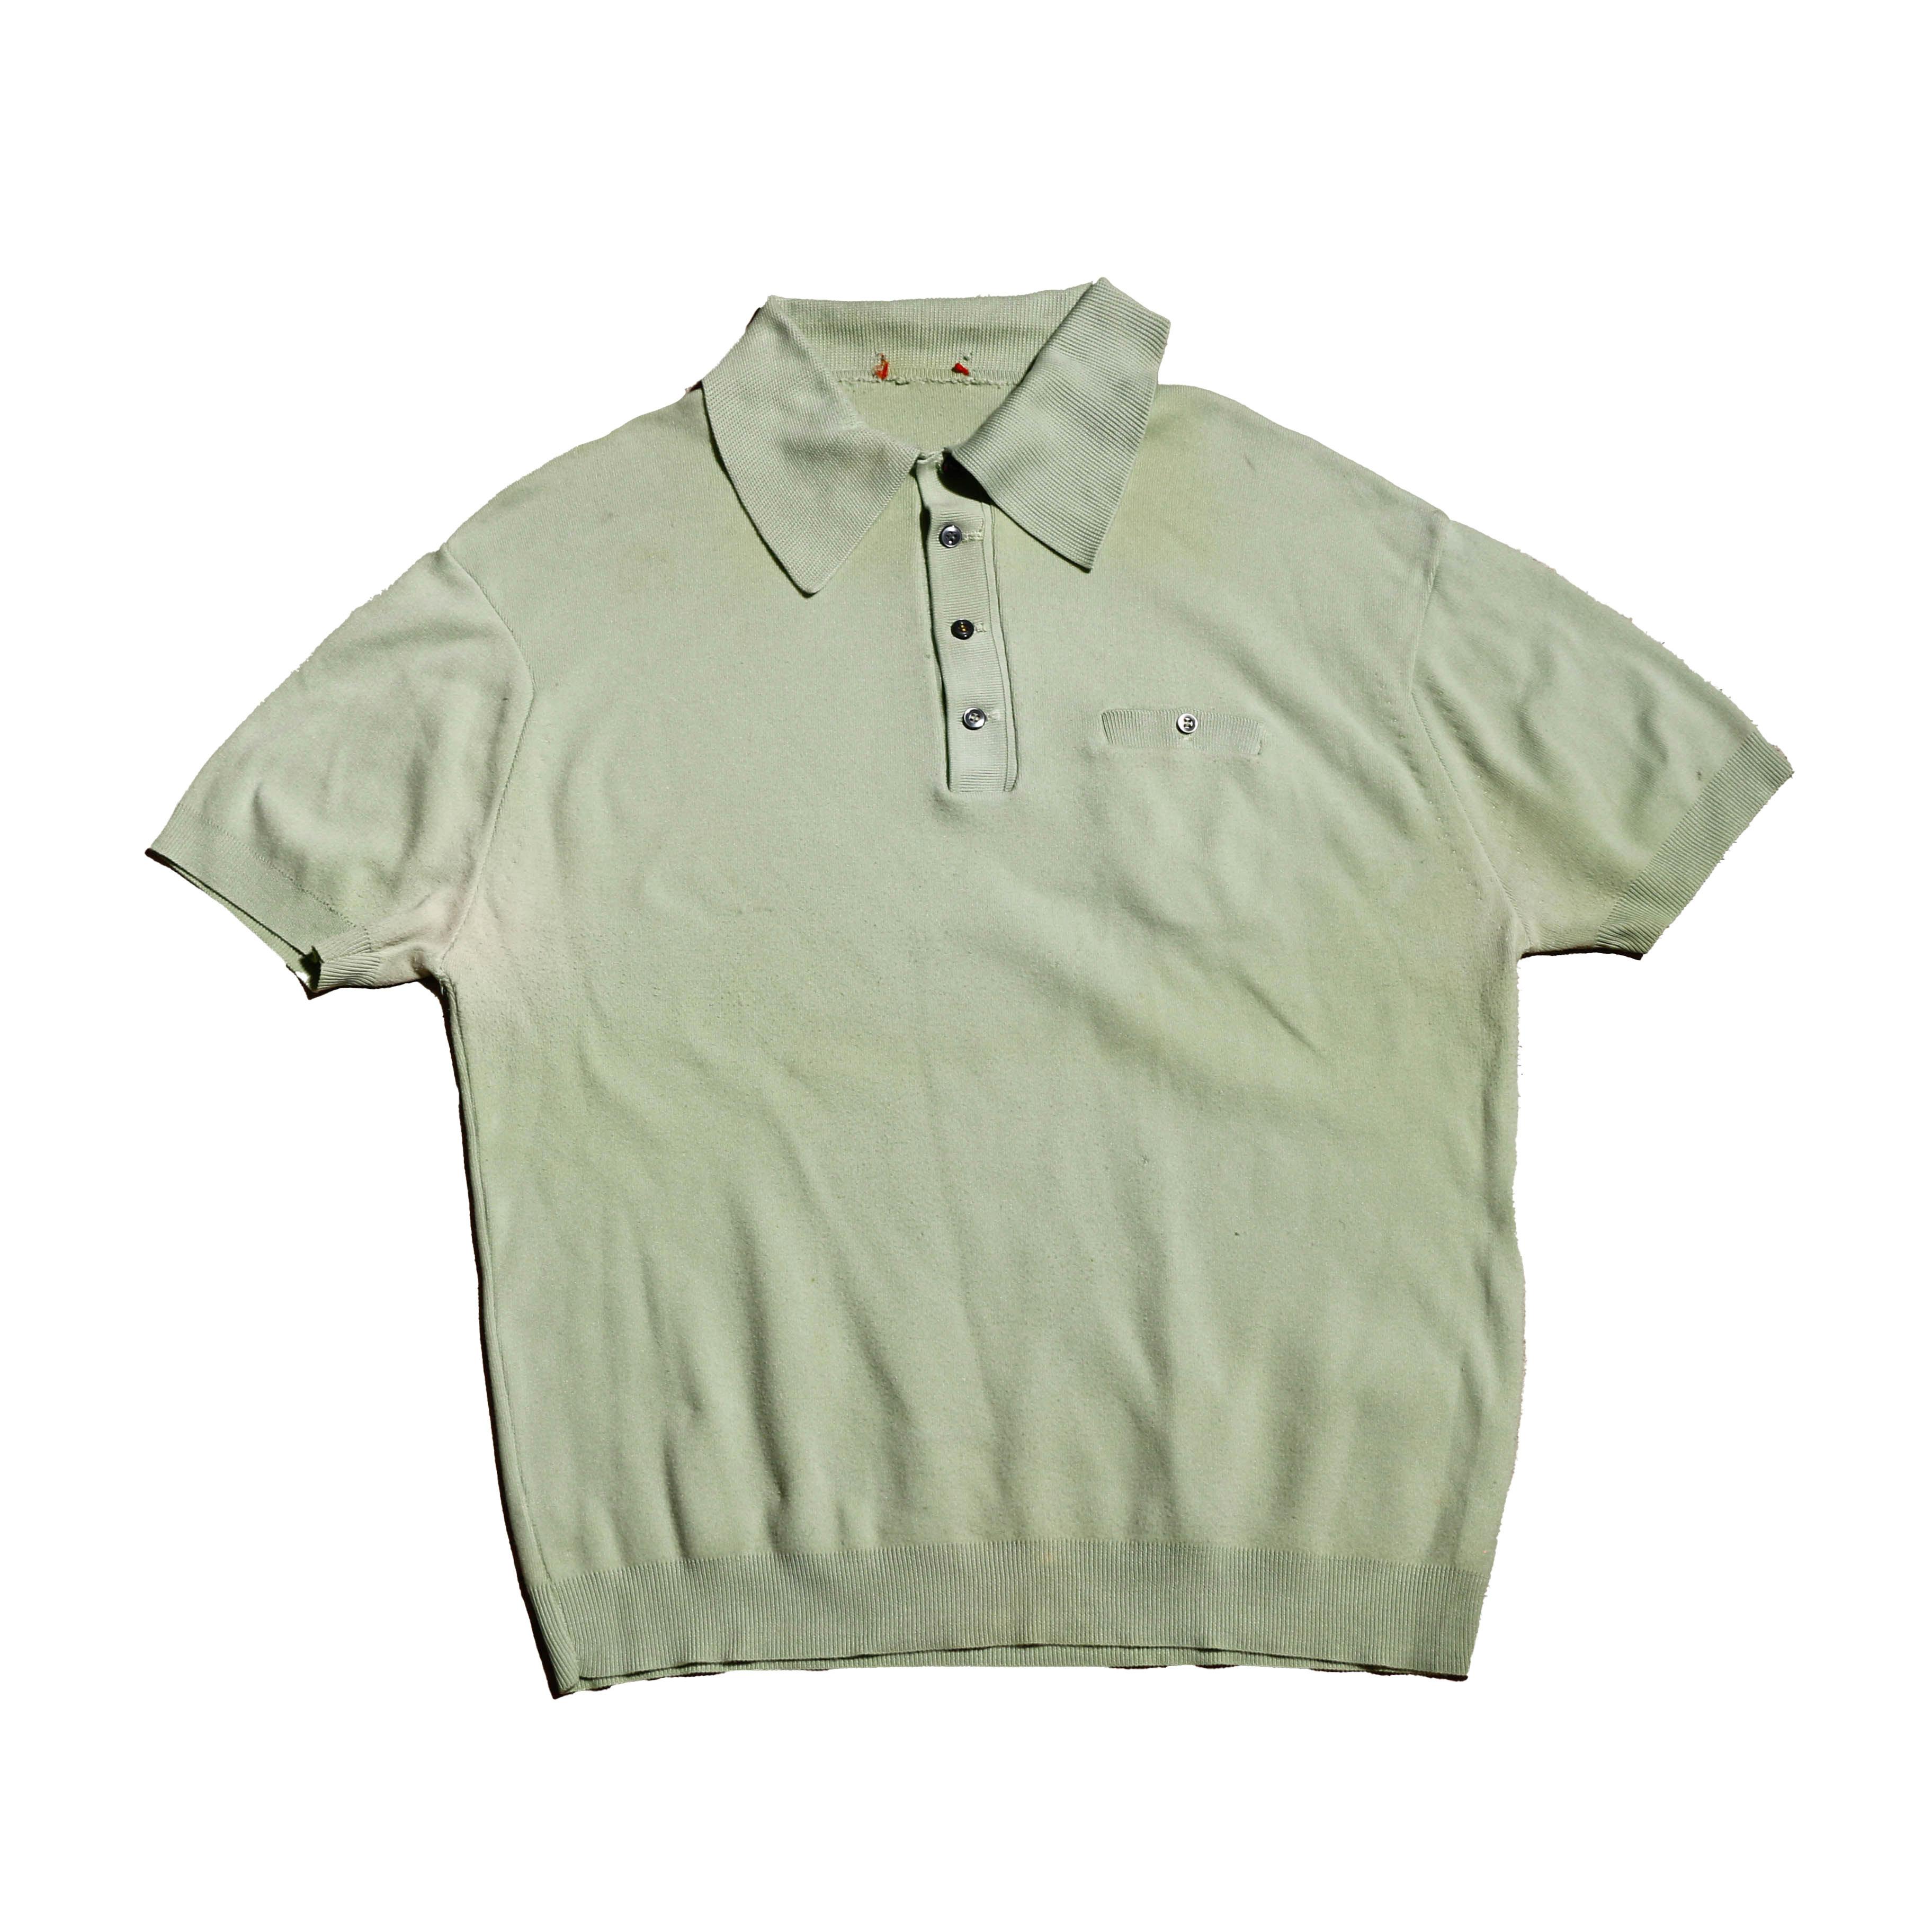 70s PollyGreenPoloShirts